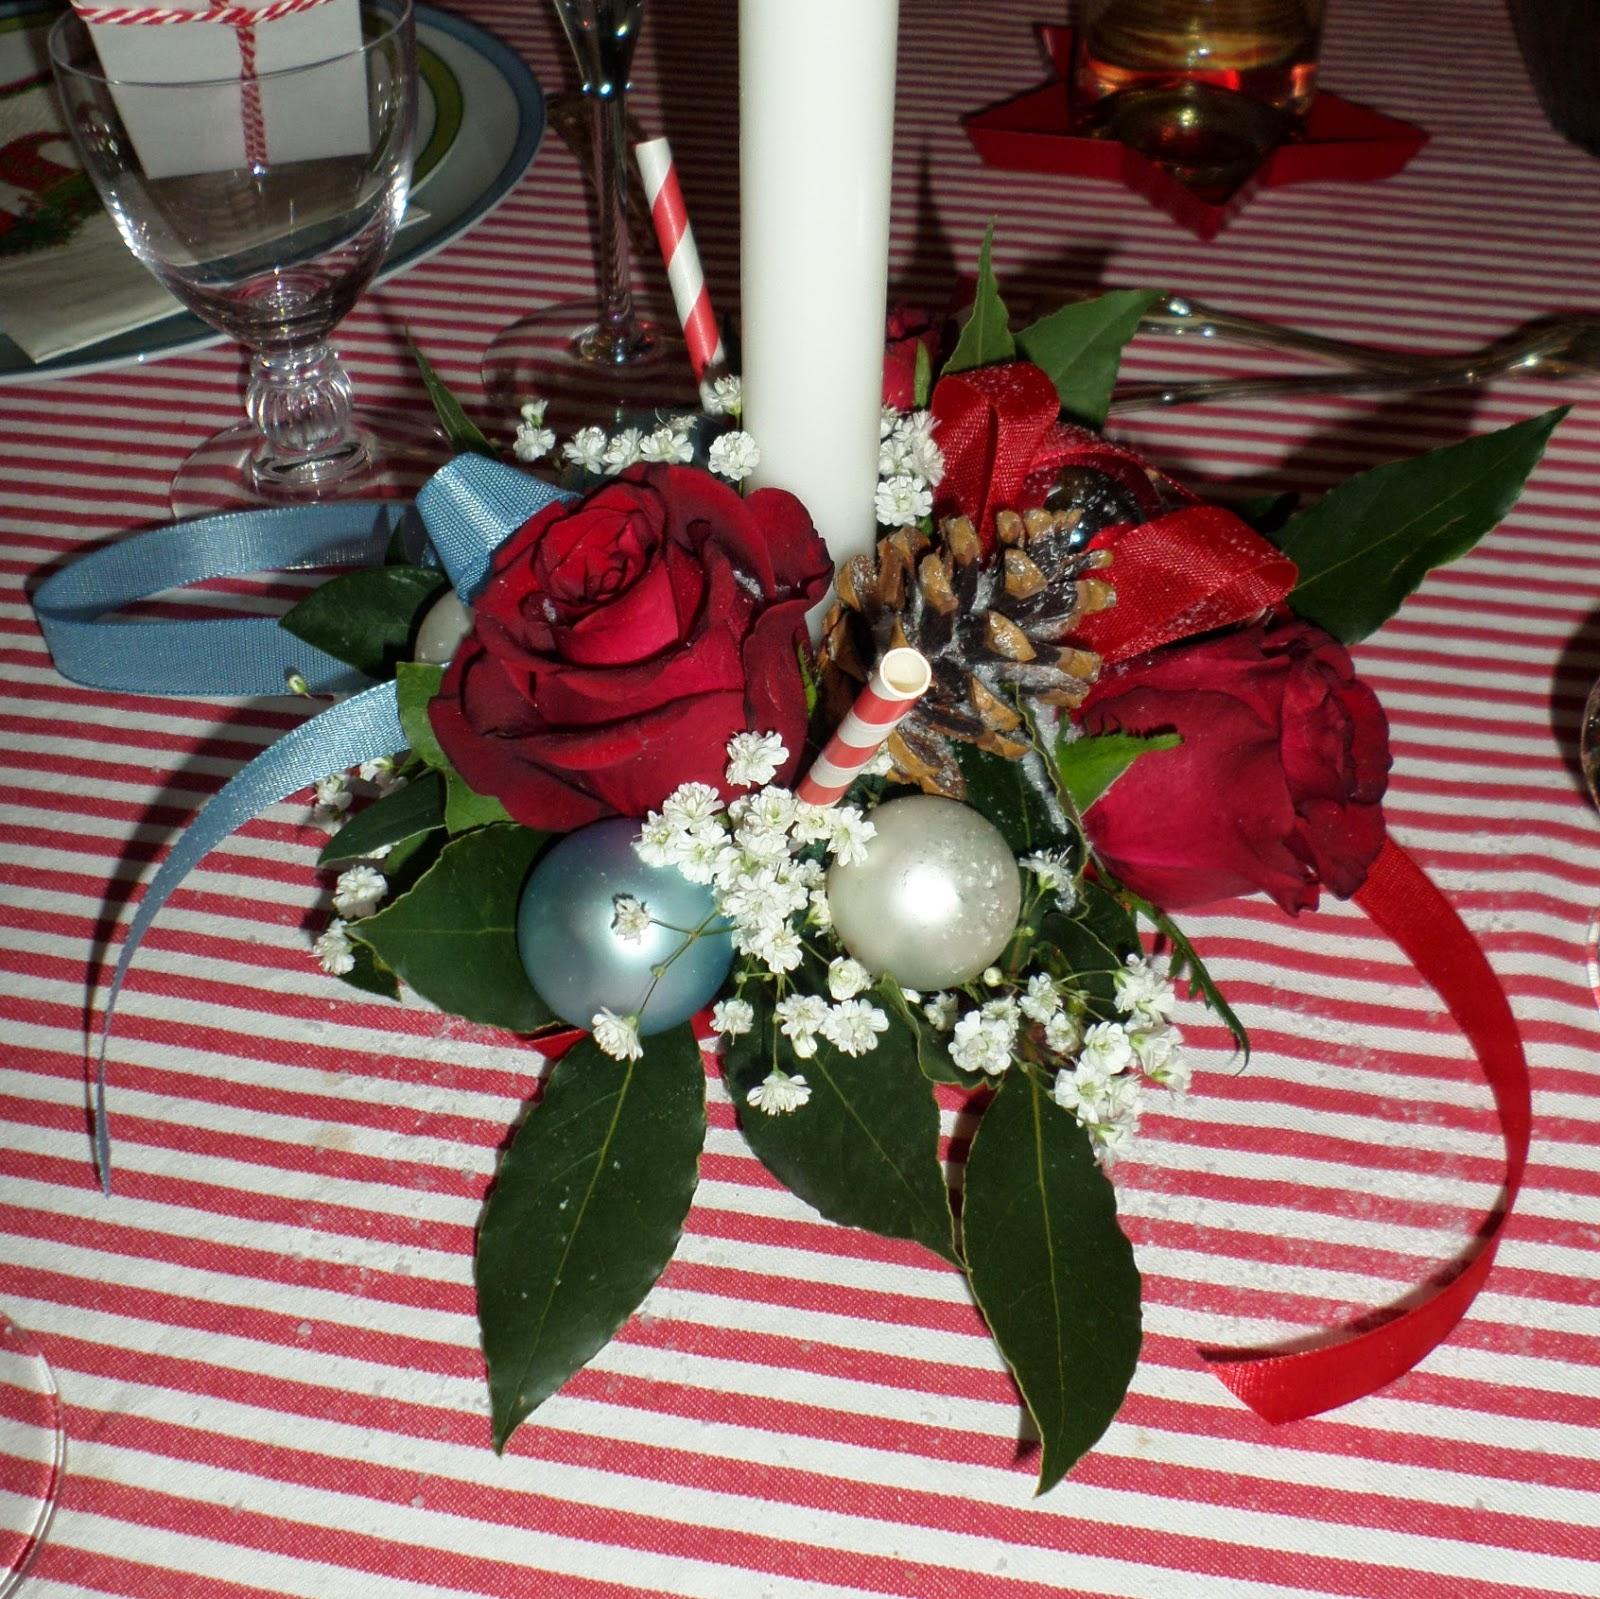 #9D2E3A Bleu Rouge Et Vert : Une Table De St Nicolas Aux Couleurs  6183 decoration de table de noel en rouge et vert 1600x1599 px @ aertt.com